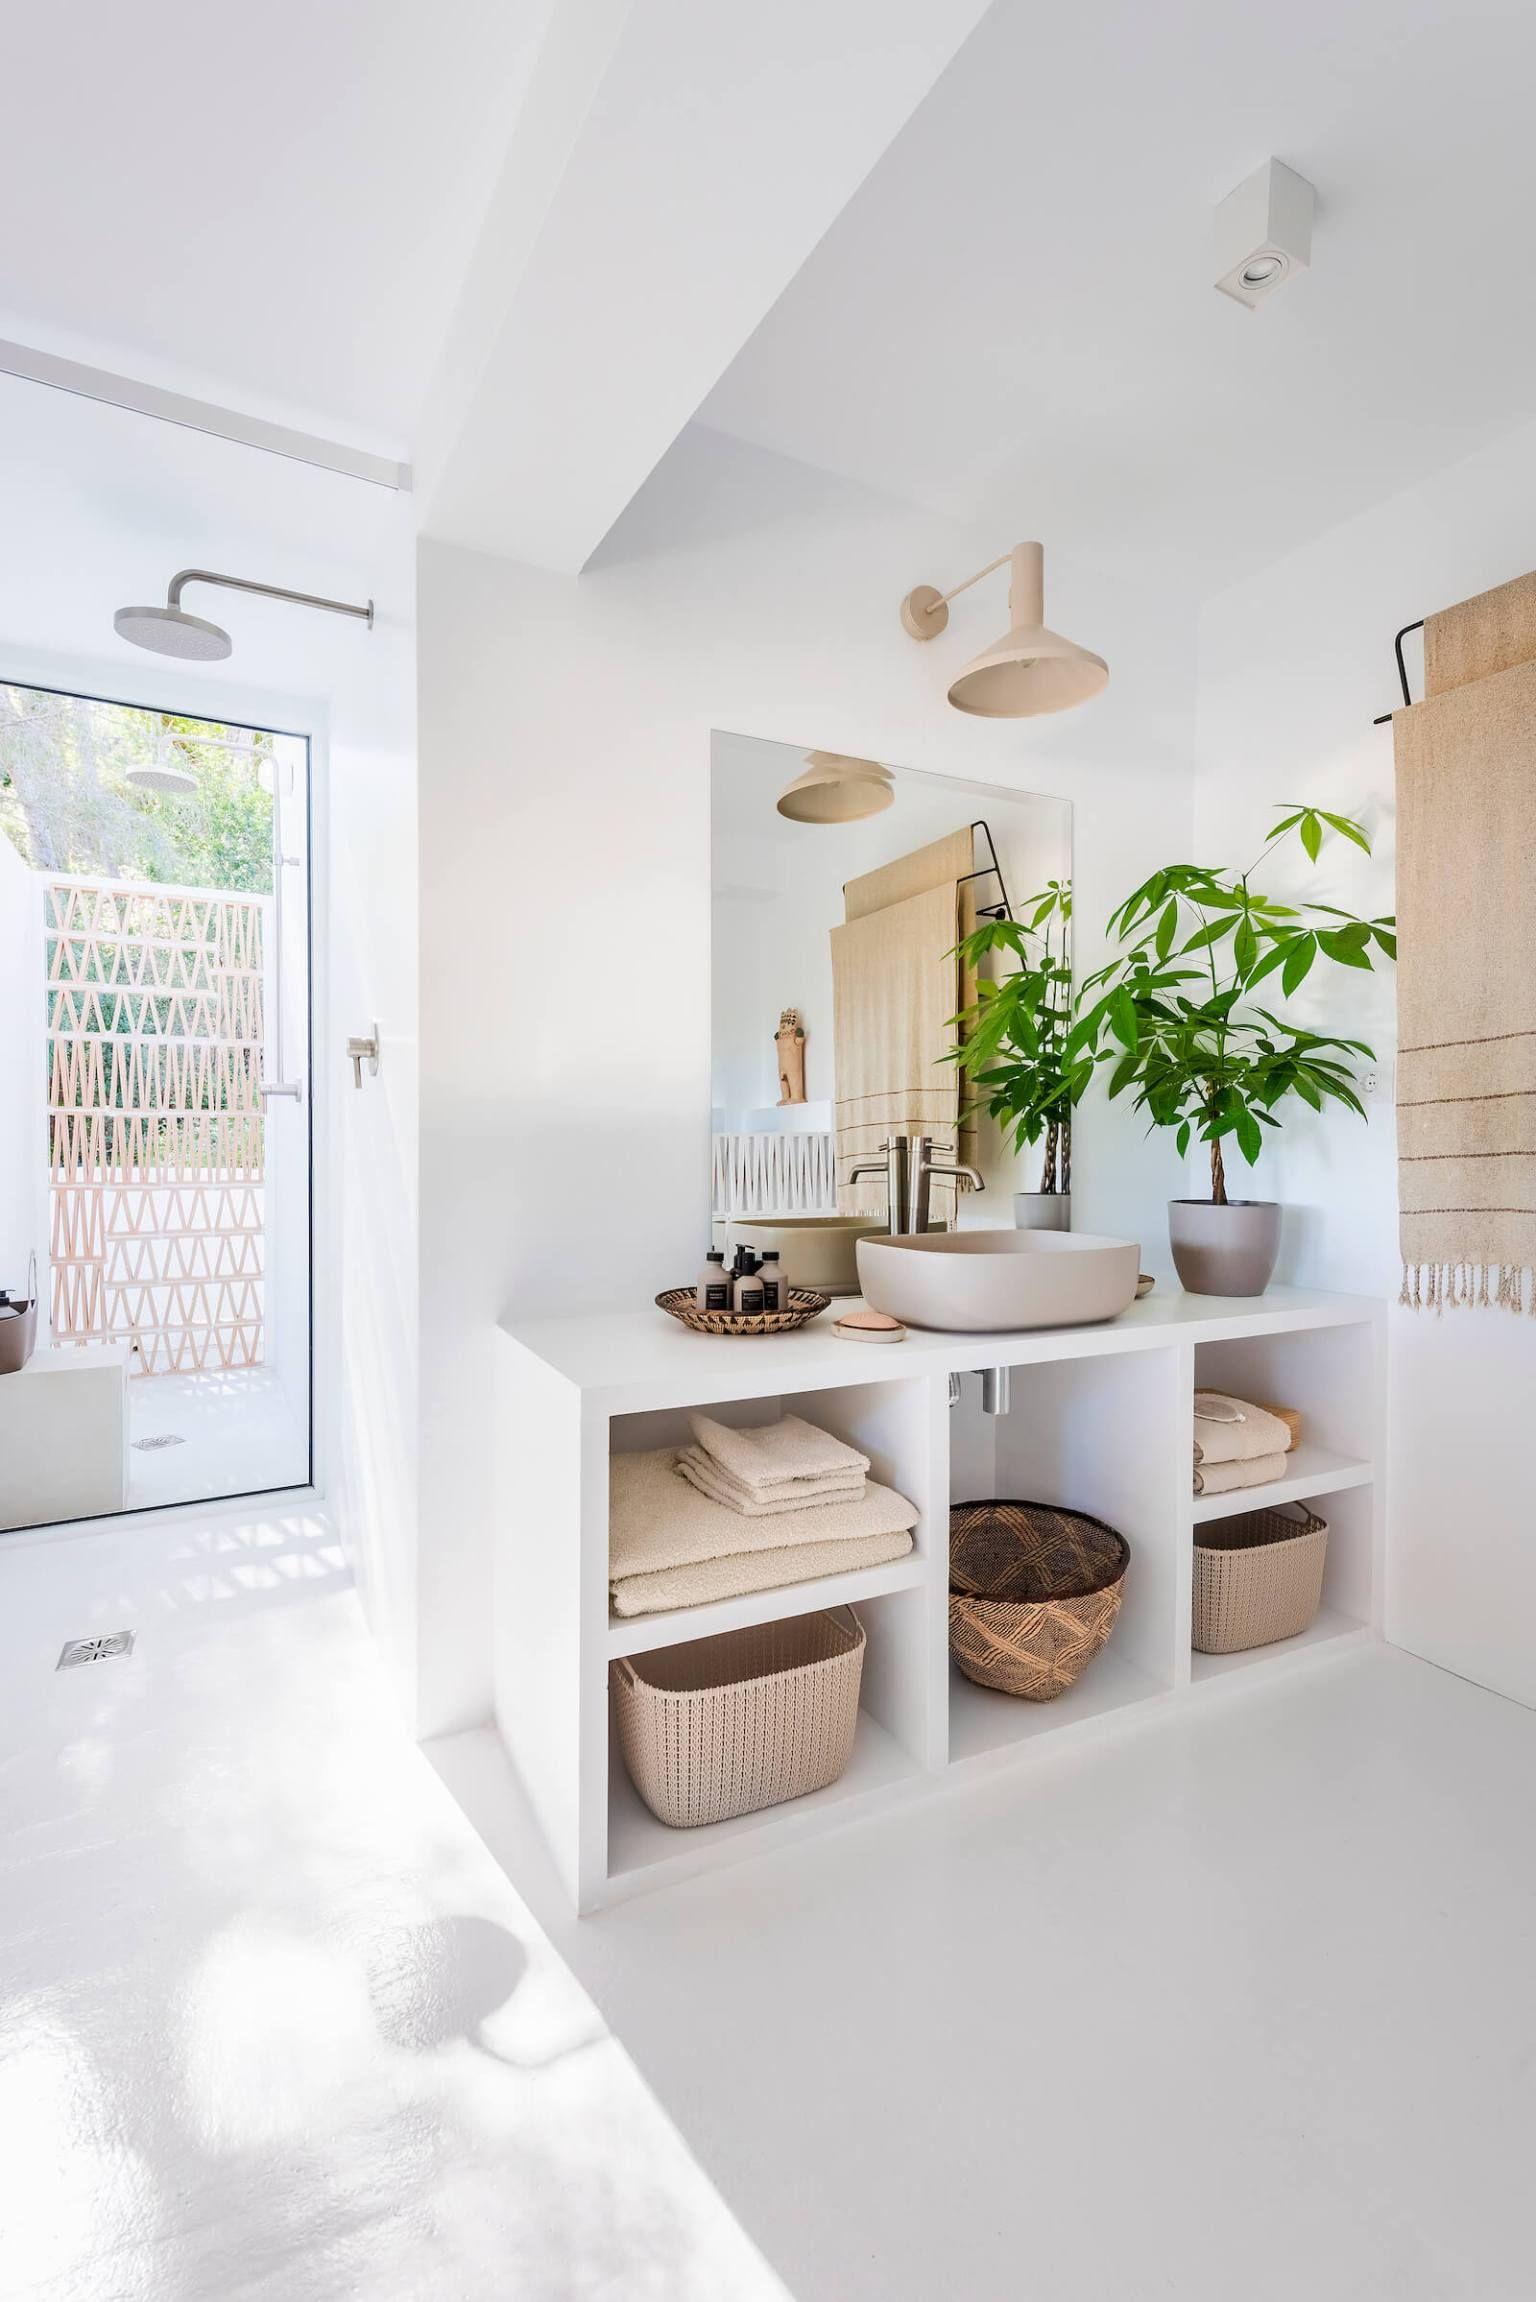 Un designer crée sa maison de rêve planete deco a homes world